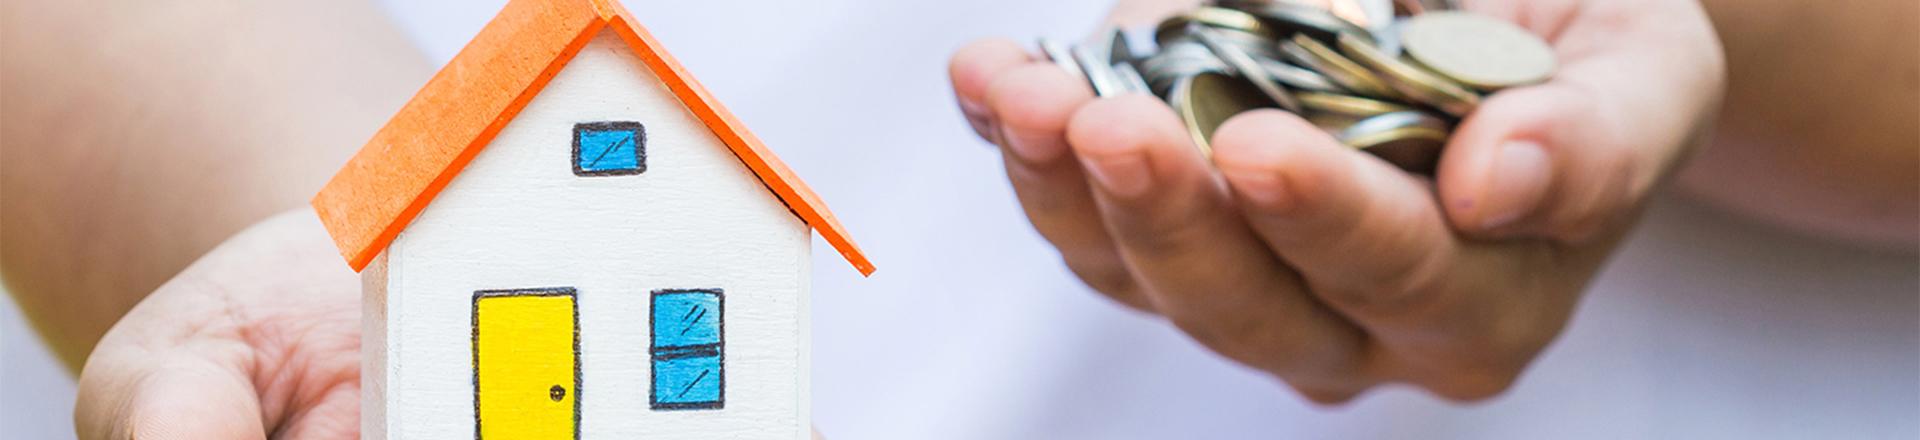 IRPH Reclamación de Nulidad en un préstamo hipotecario. ¿Estamos ante una nueva manipulación bancaria?